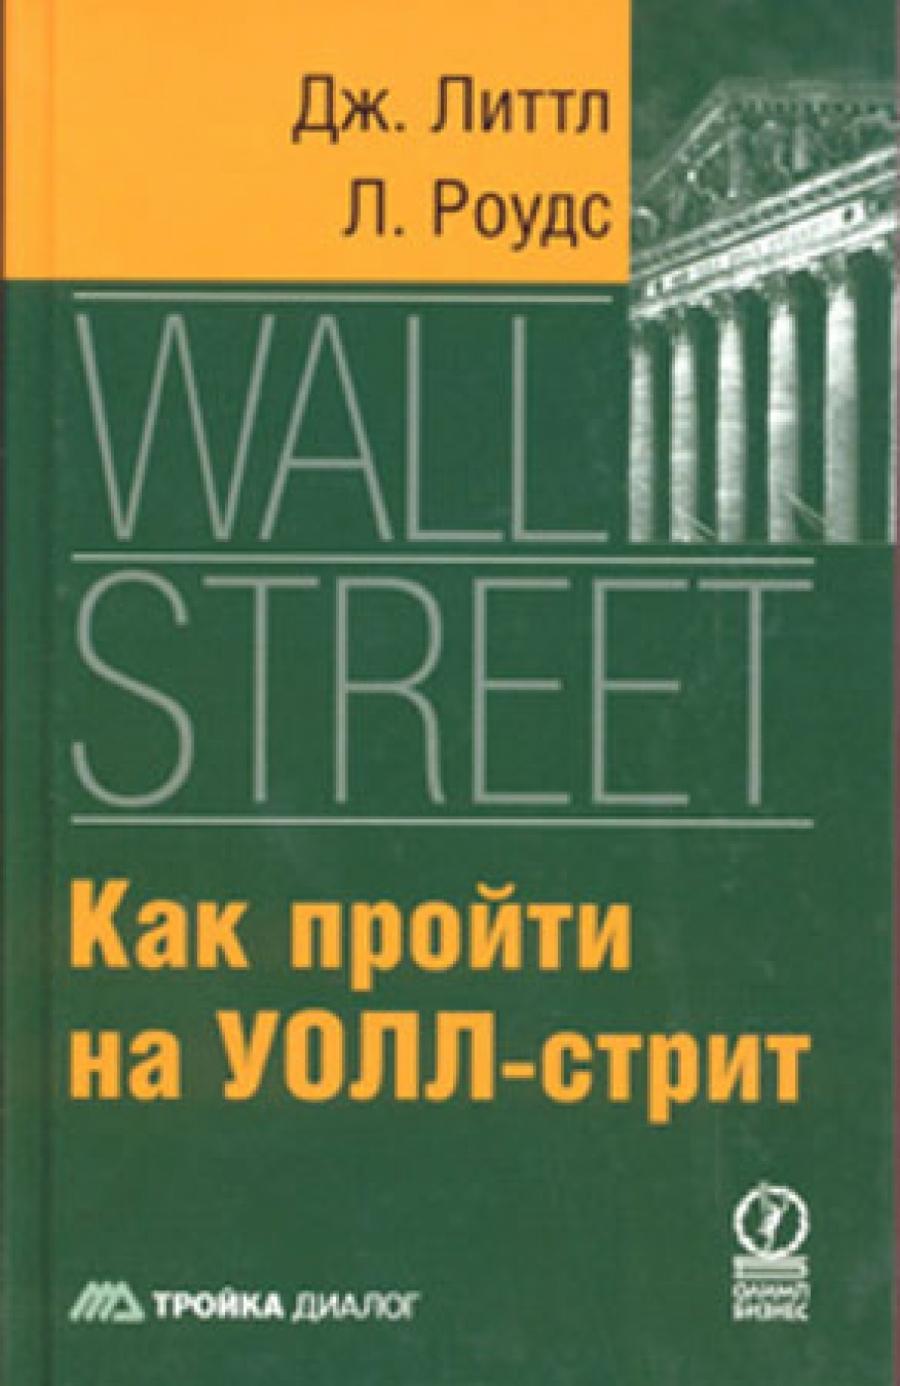 Обложка книги:  дж. литтл, л. роудс - как пройти на уолл-стрит